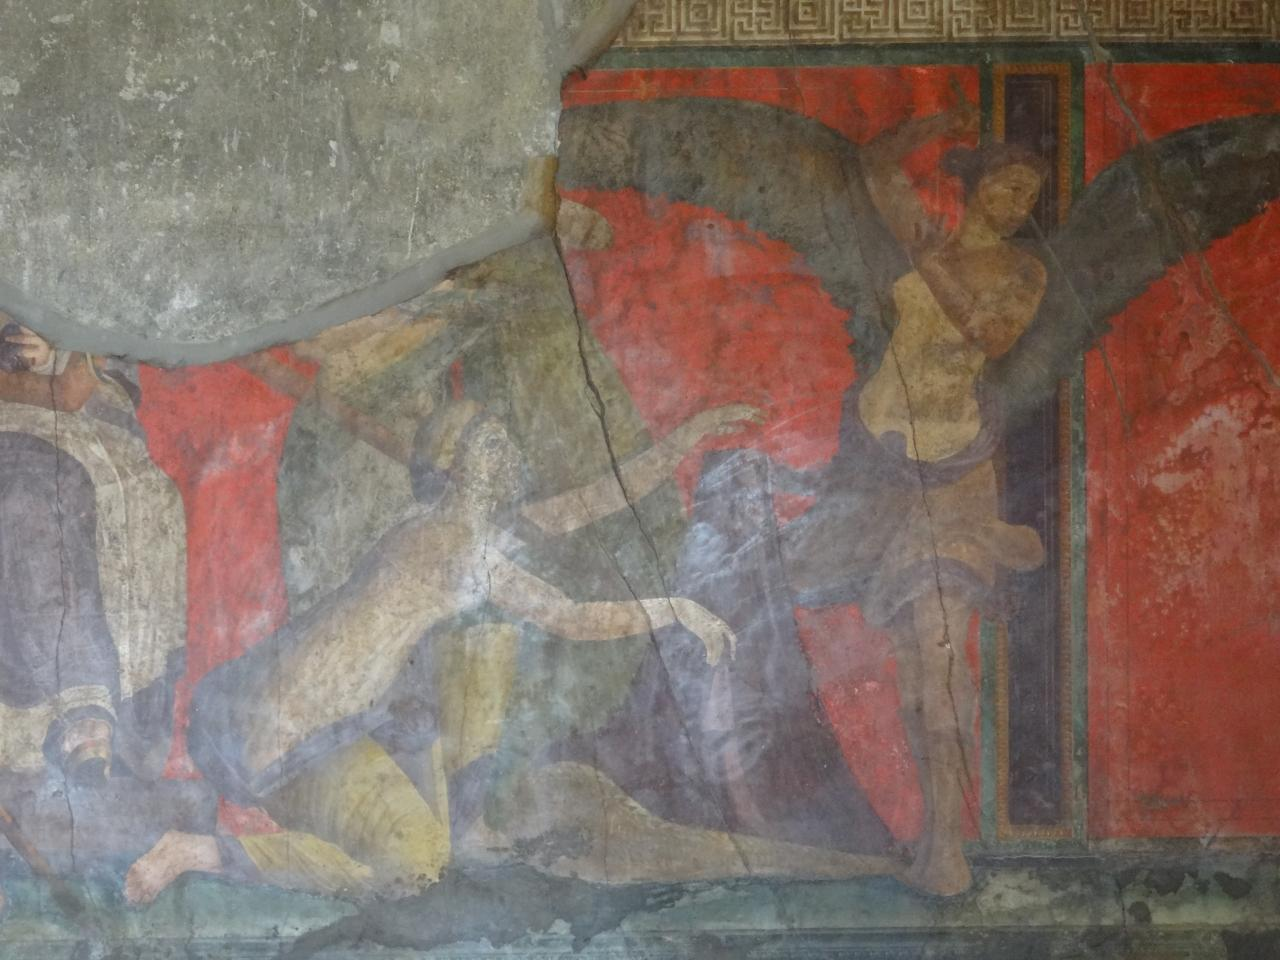 ポンペイ、ヘルクラネウム及びトッレ・アンヌンツィアータの遺跡地域の画像 p1_26